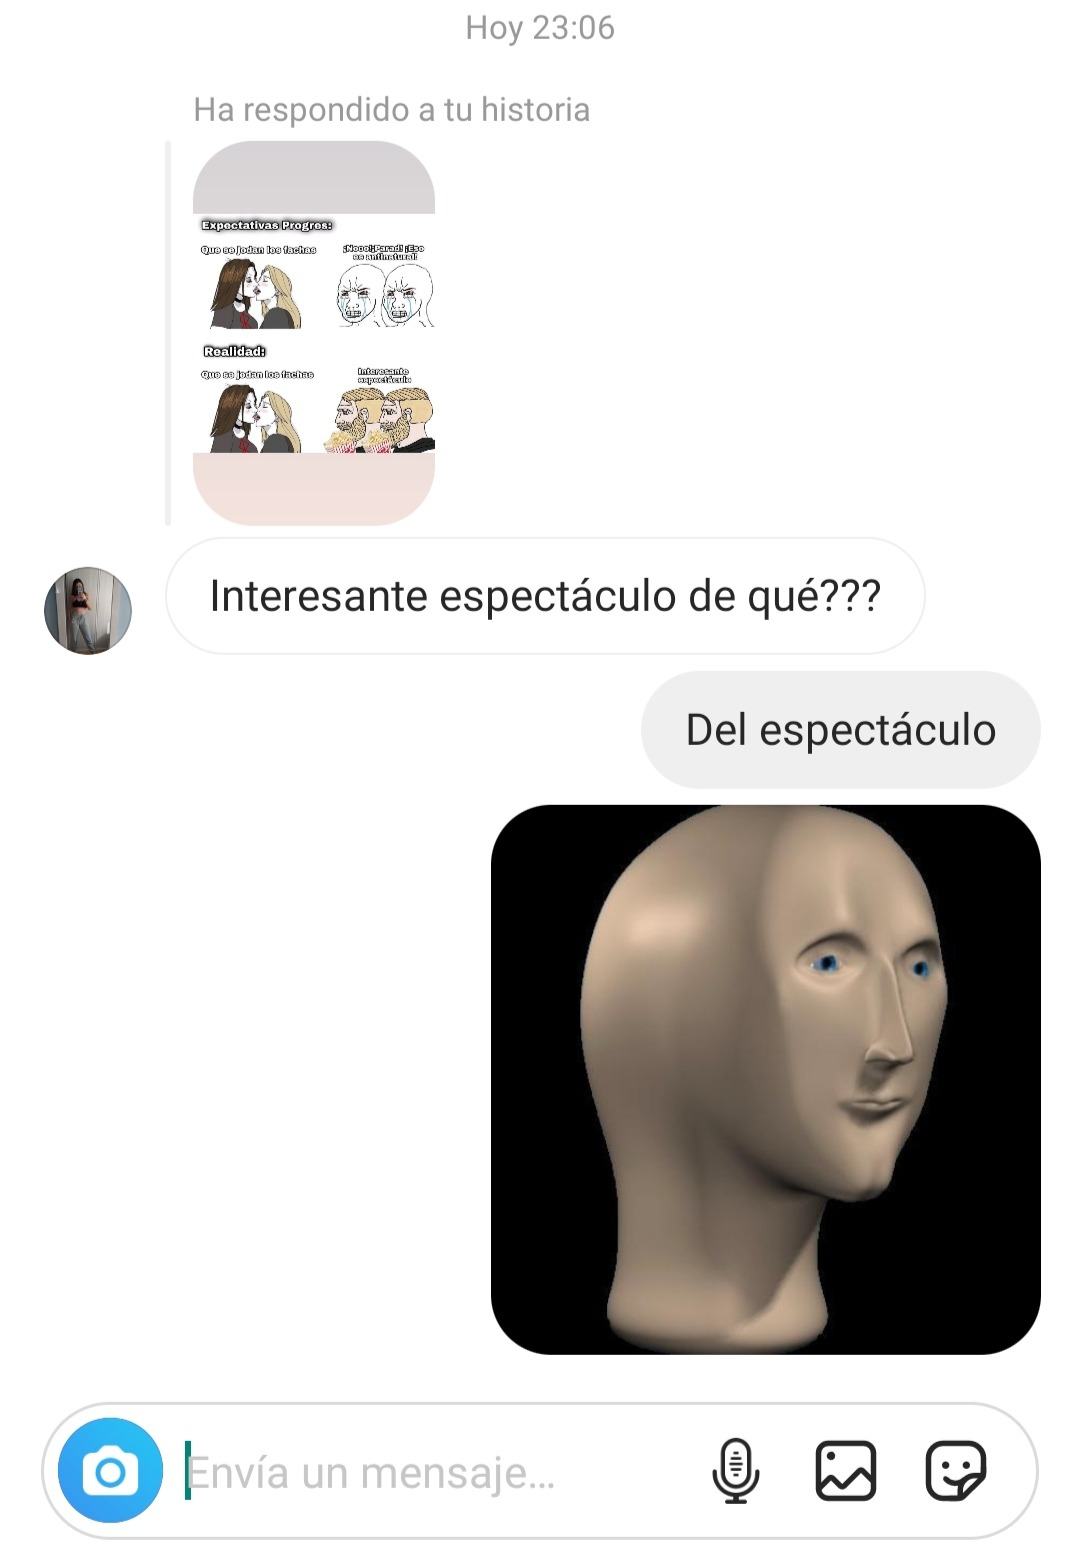 Espektakulo - meme